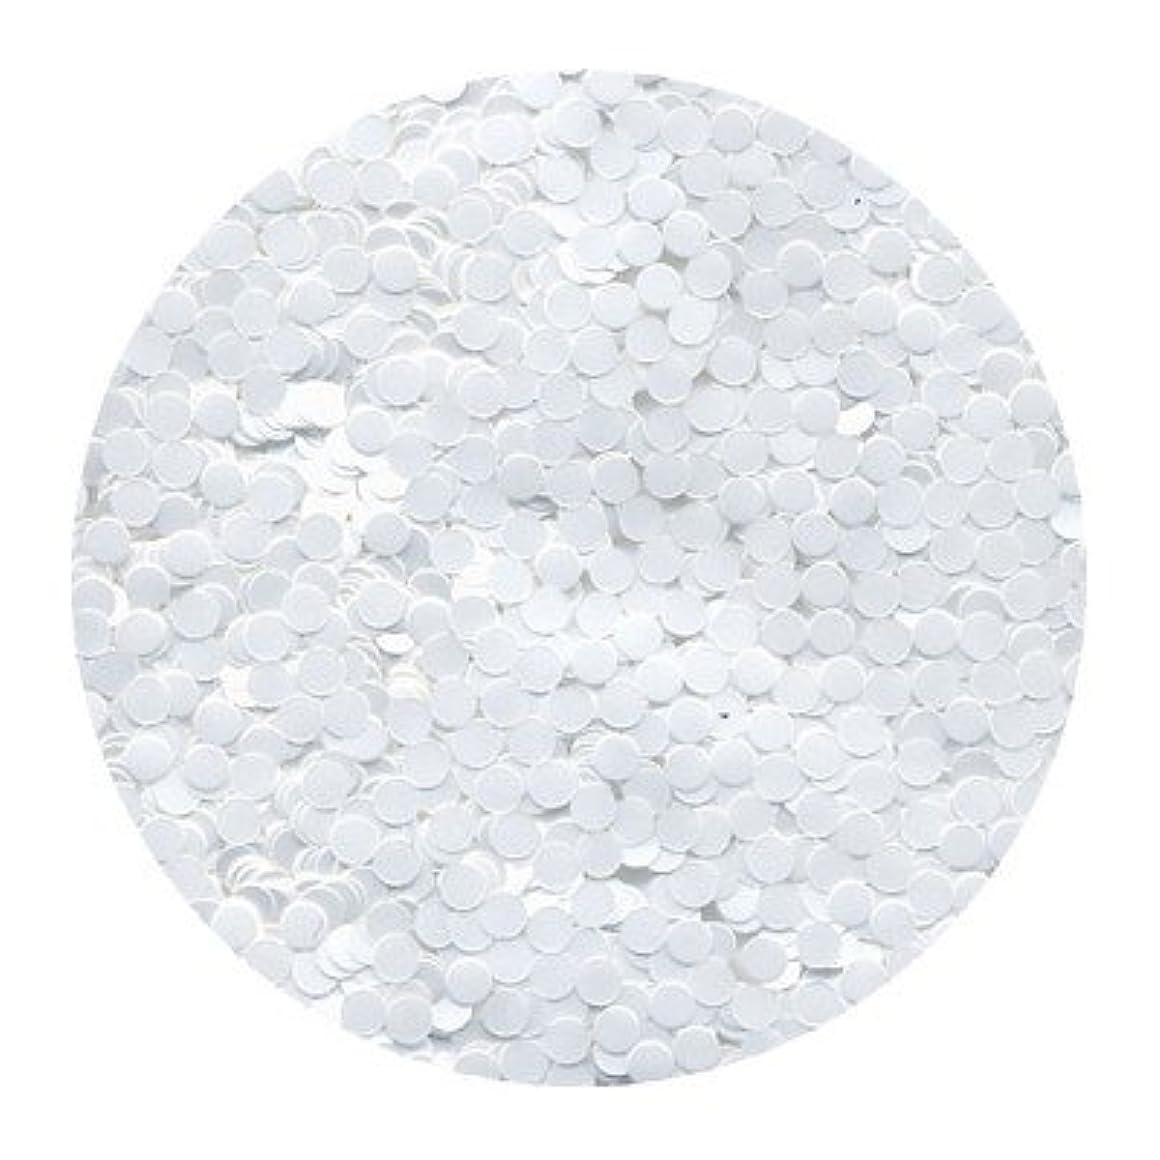 ジョージスティーブンソンアルプス晩餐ピカエース ネイル用パウダー 丸カラー 2mm #421 ホワイト 0.5g